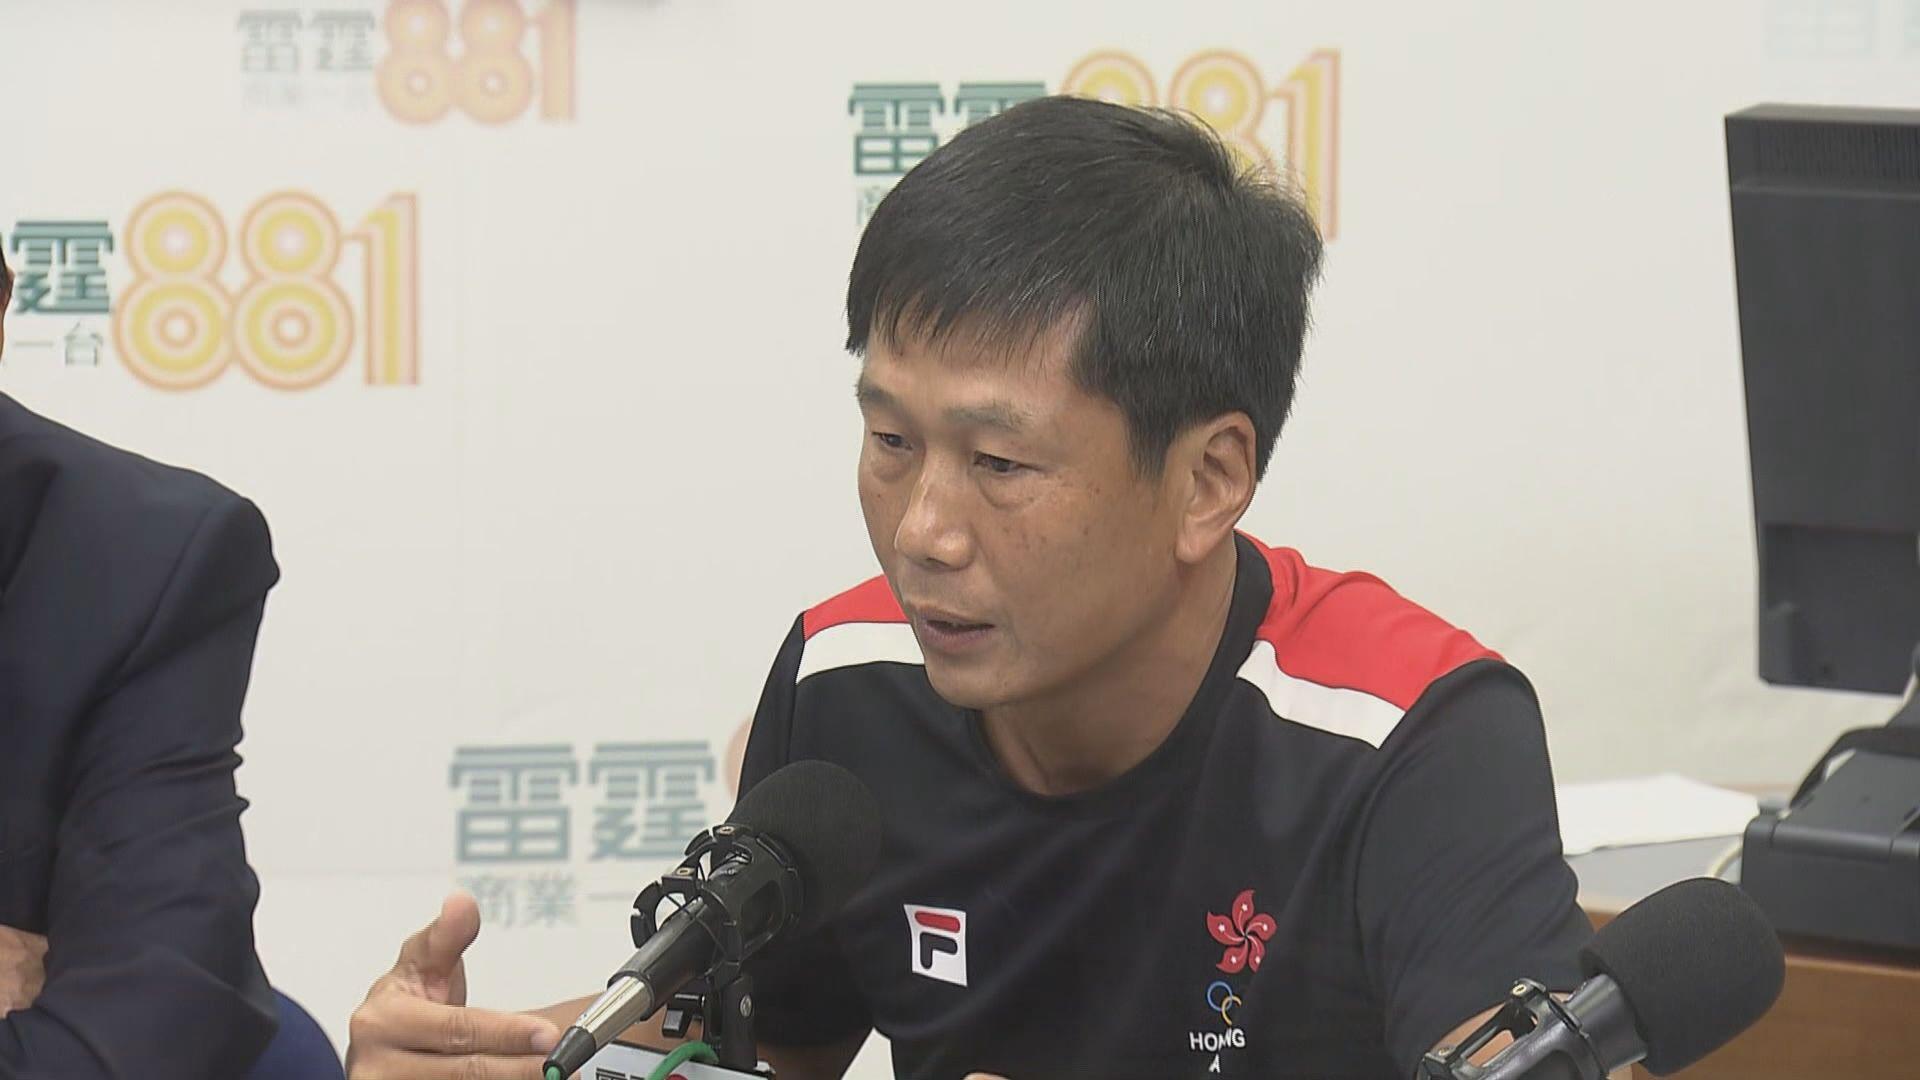 體育專員:政府未來會繼續推動運動發展